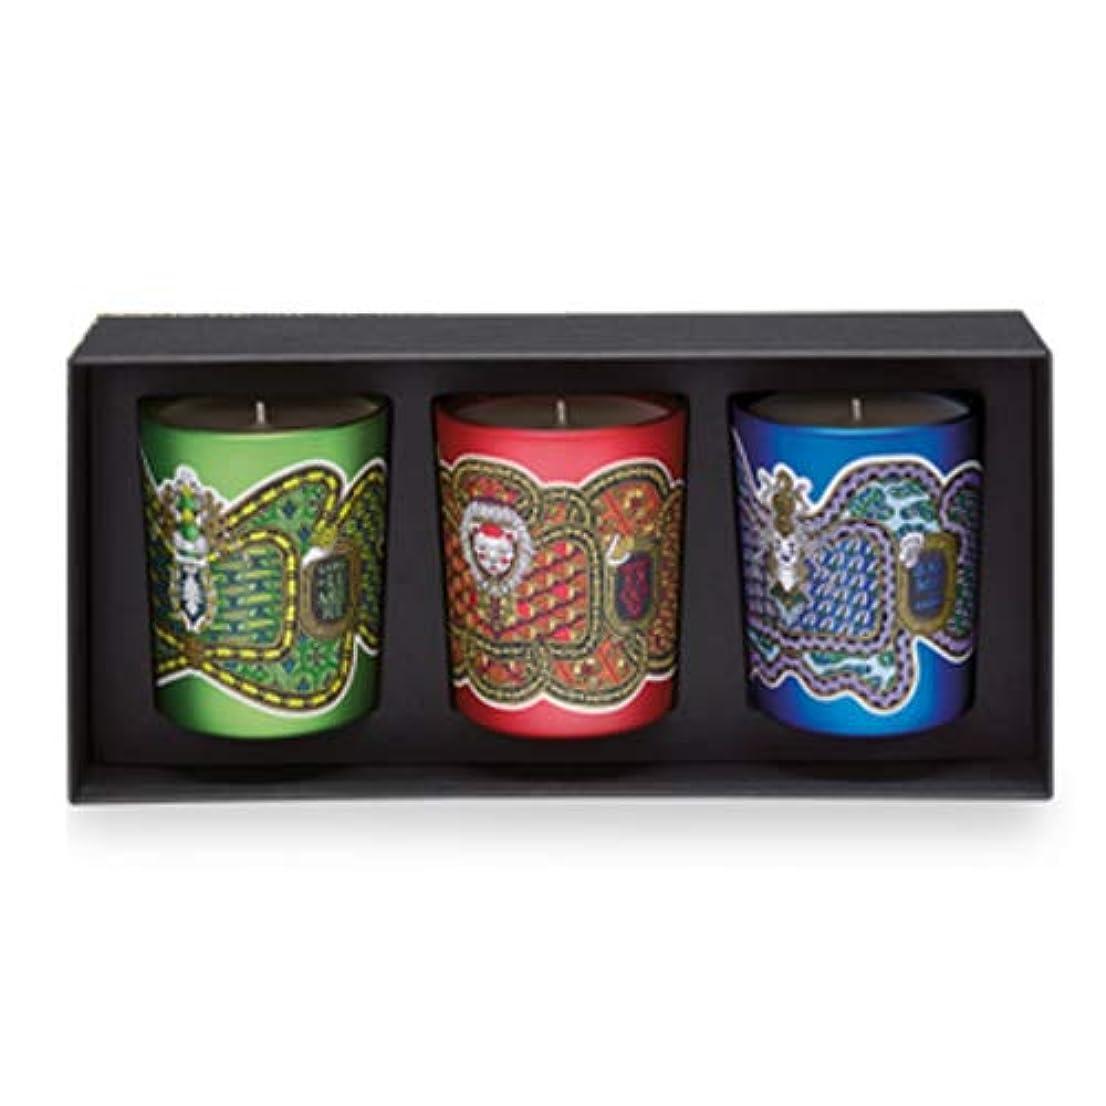 スチュワードサイドボード代数ディプティック フレグランス キャンドル コフレ 3種類の香り 190g×3 DIPTYQUE LEGENDE DU NORD SCENTED HOLIDAY 3 CANDLE SET [6586] [並行輸入品]